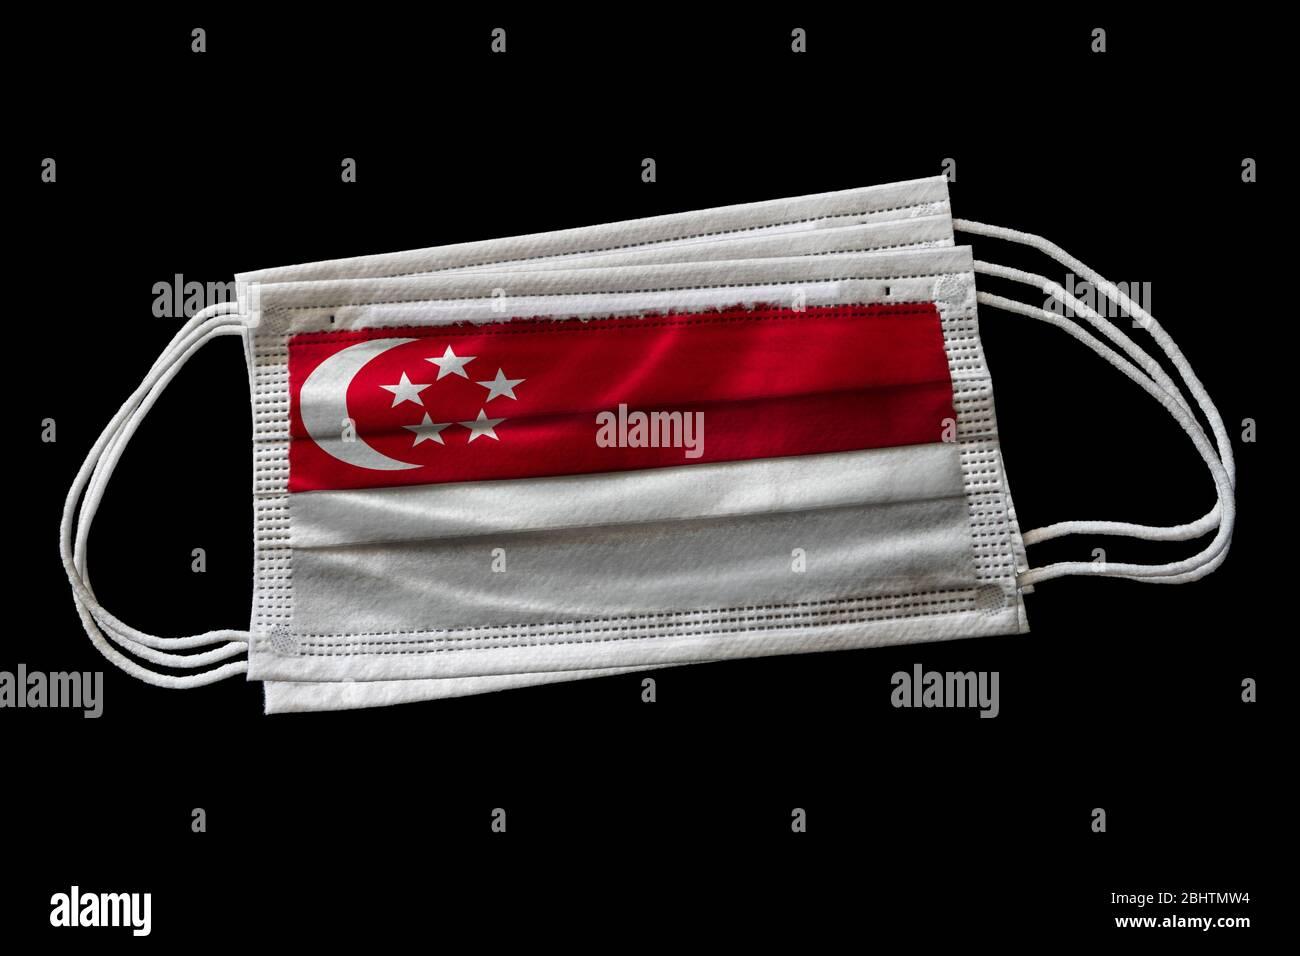 Masques chirurgicaux avec drapeau de Singapour imprimé. Isolé sur fond noir. Concept d'utilisation de masque de visage dans l'effort singapourien pour combattre Covid-19 cor Banque D'Images